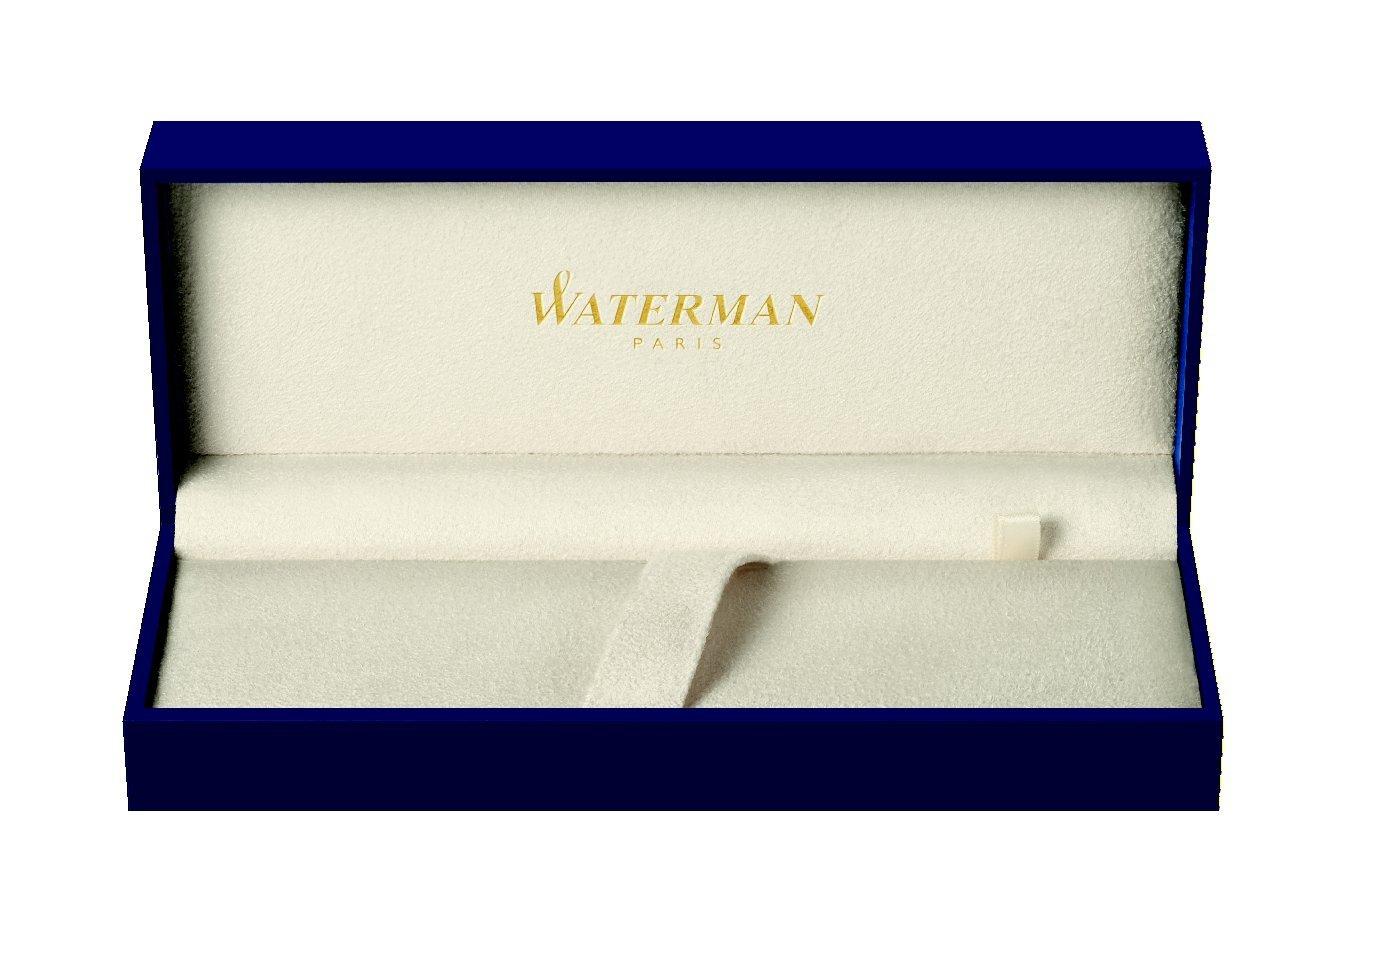 Waterman H/émisph/ère Penna Roller Nero Lucido con Finiture Cromate Confezione Regalo Punta Fine con Cartuccia di Inchiostro Nero